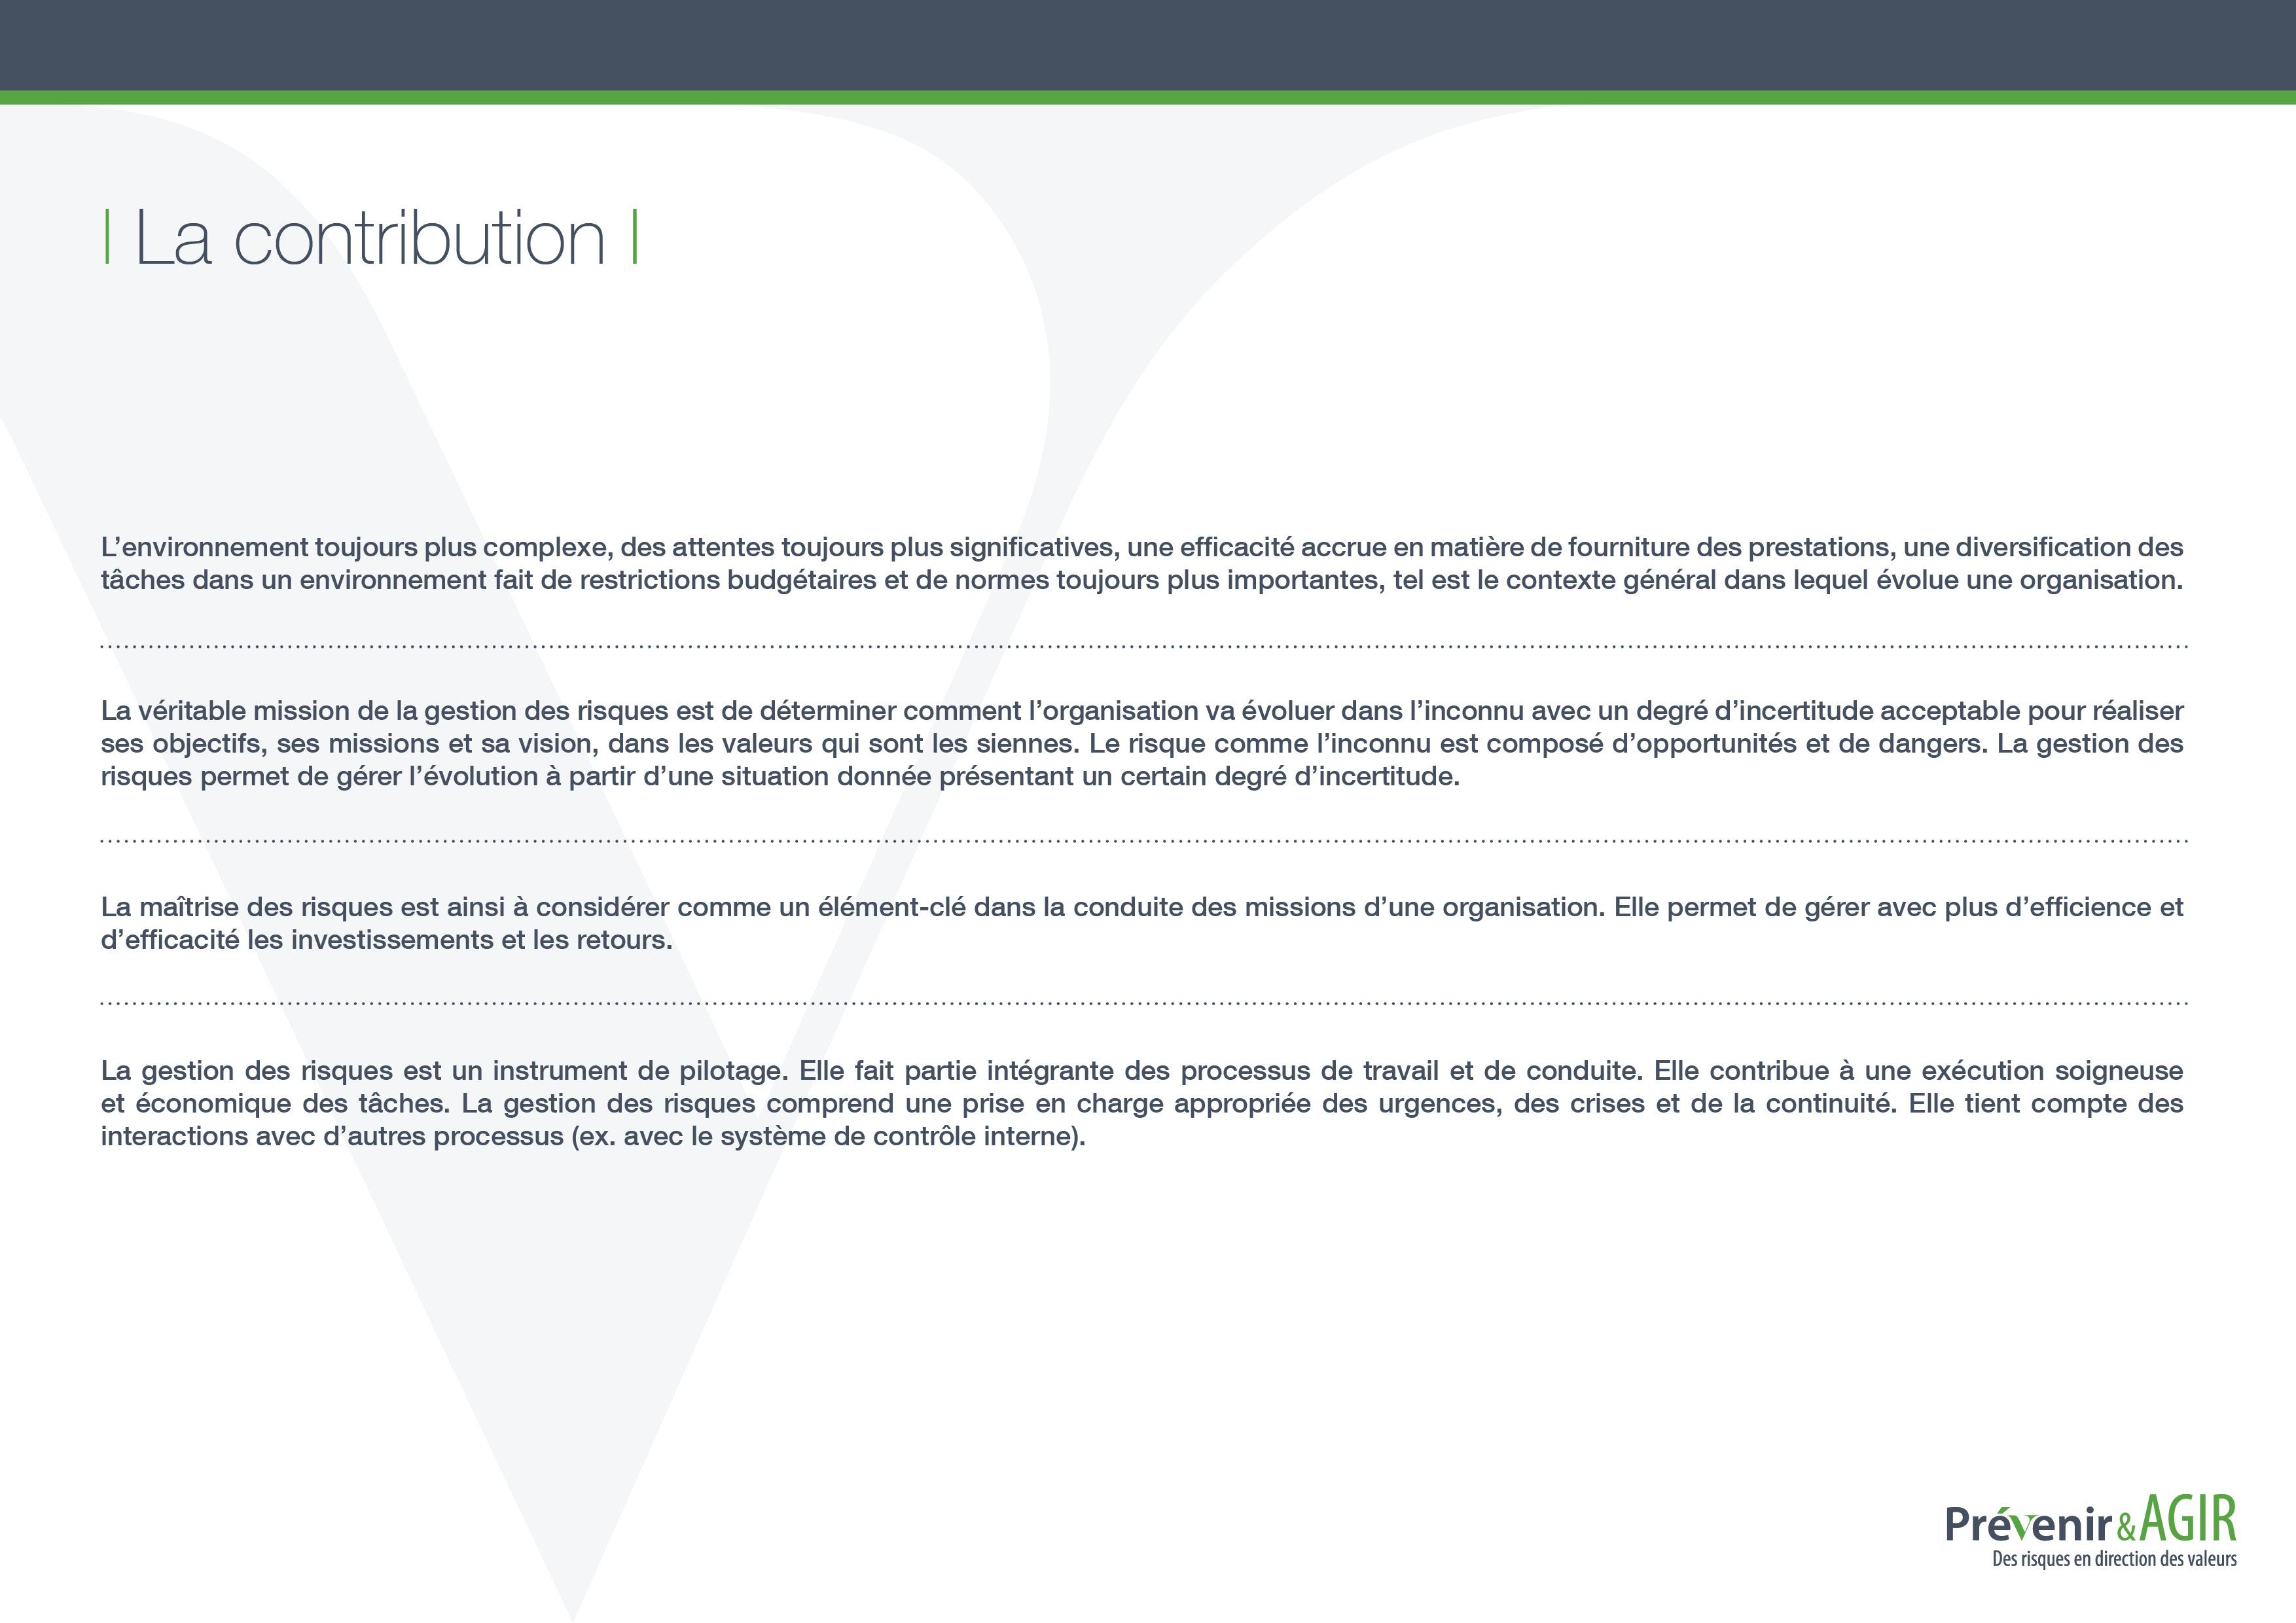 Prévenir SA - Logiciel de gestion des risques en ligne - Neuchâtel - Delémont - Zürich